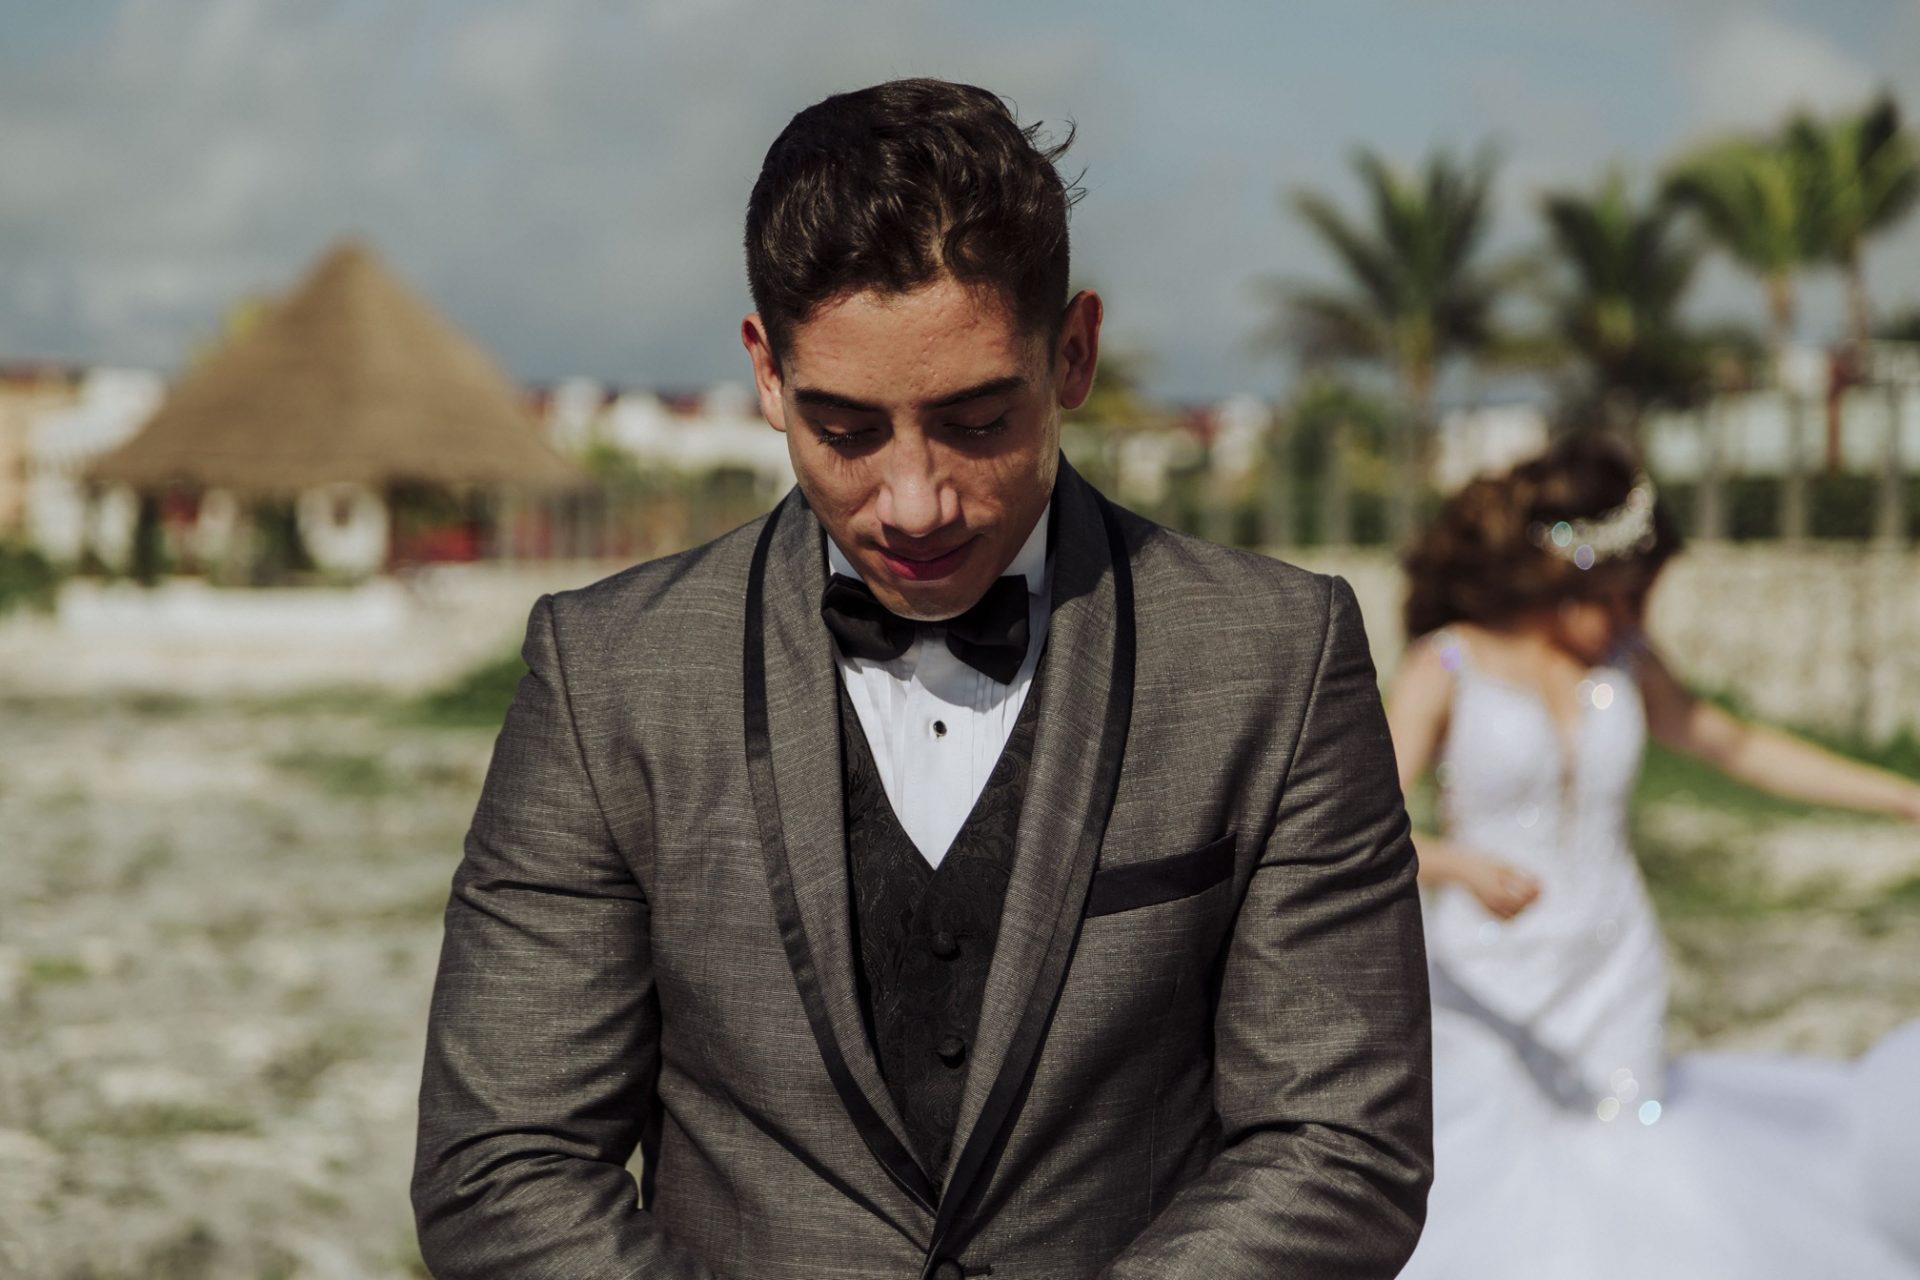 fotografo_bodas_profesional_zacatecas_riviera_maya_cancun-147